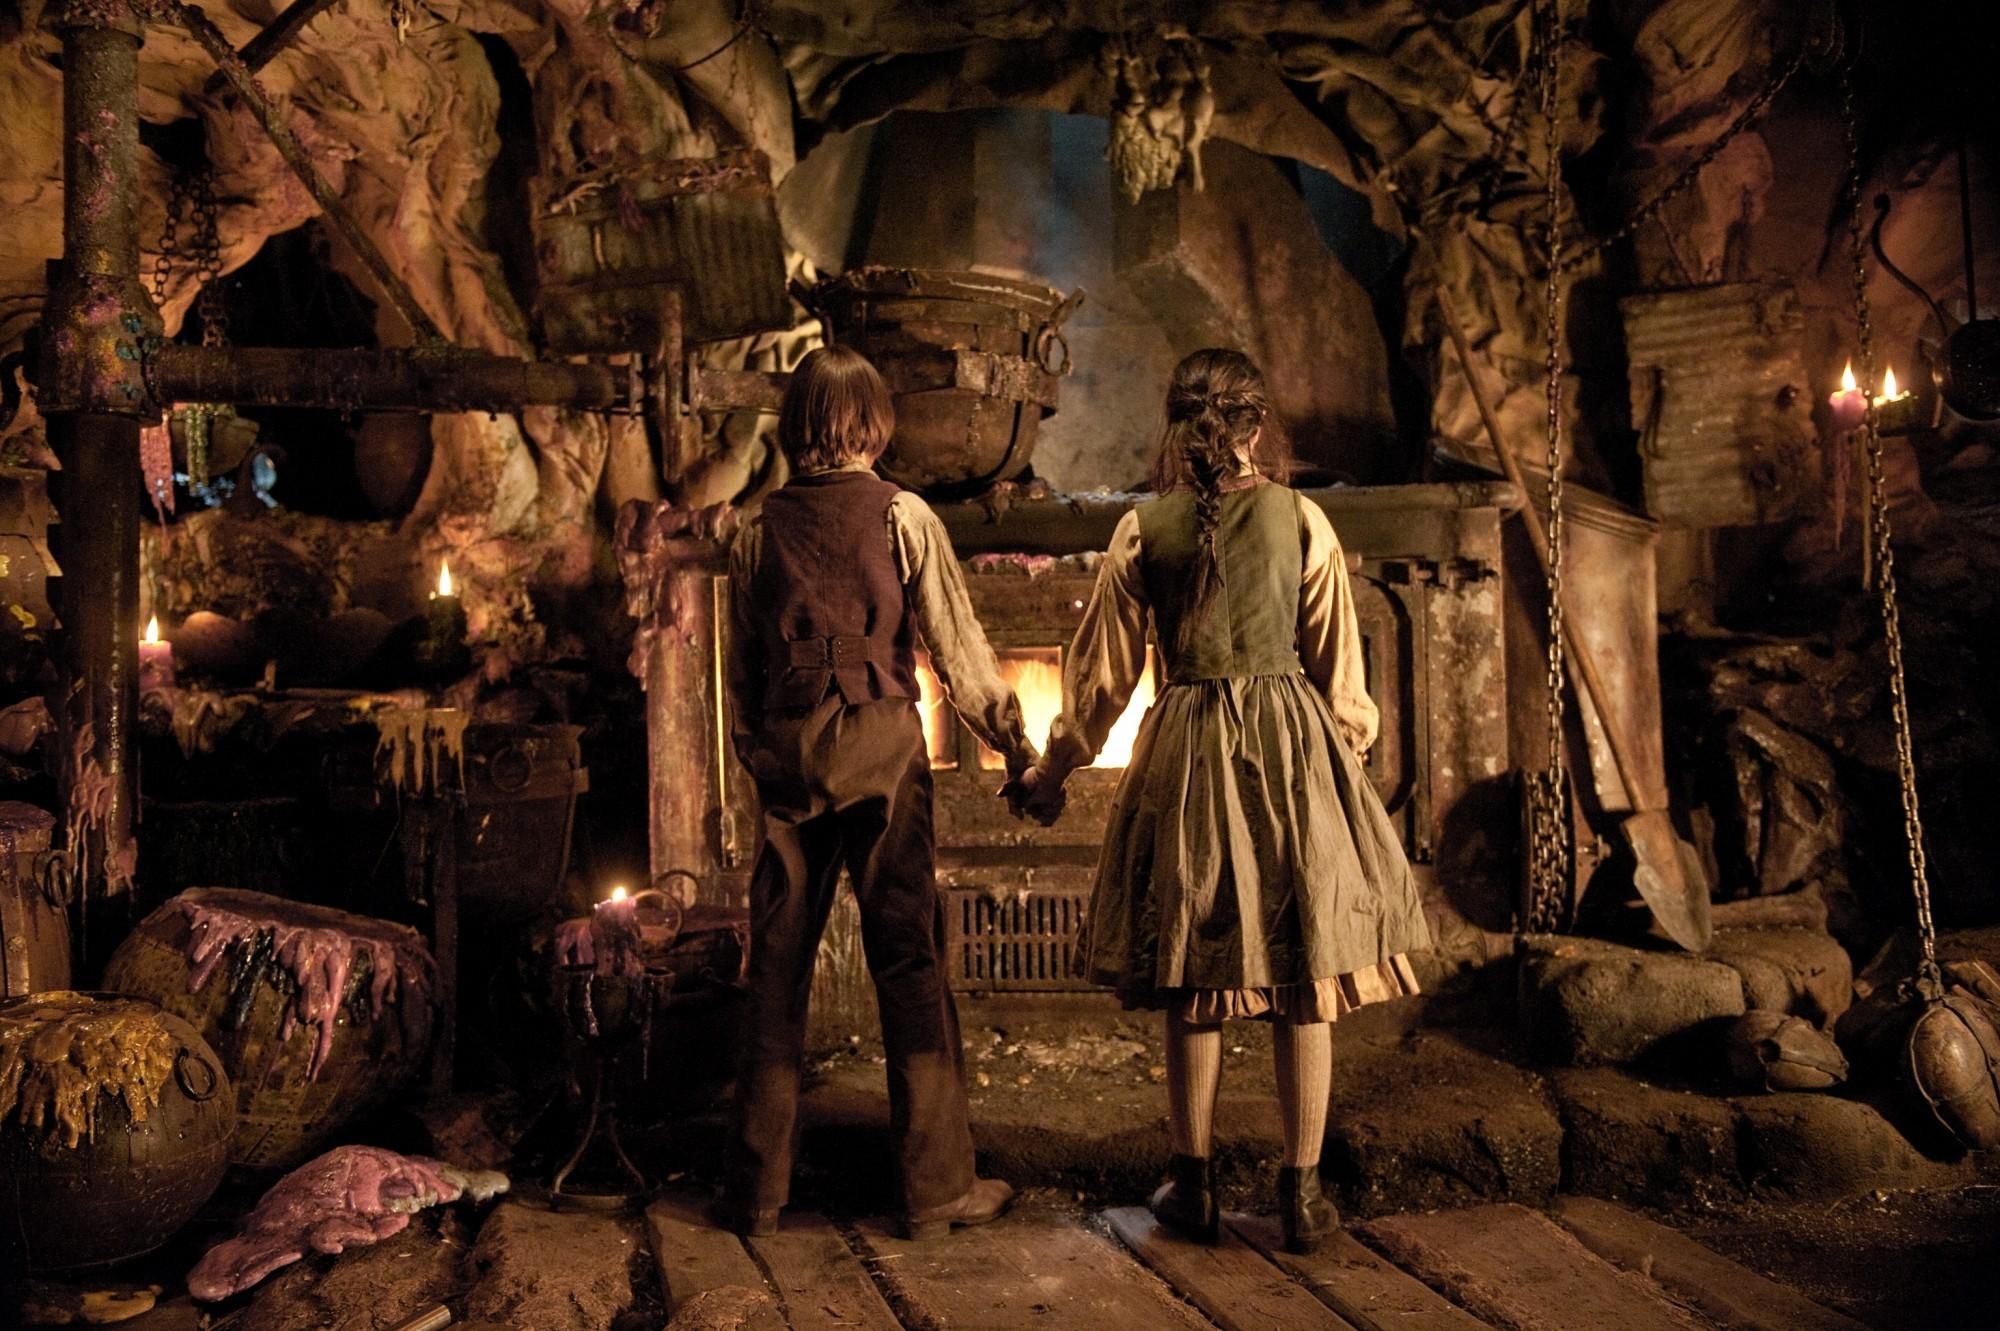 Скрытый смысл детских сказок: Гензель и Гретель боролись с настоящими каннибалами, а Колобка никто не мог съесть из-за заговора